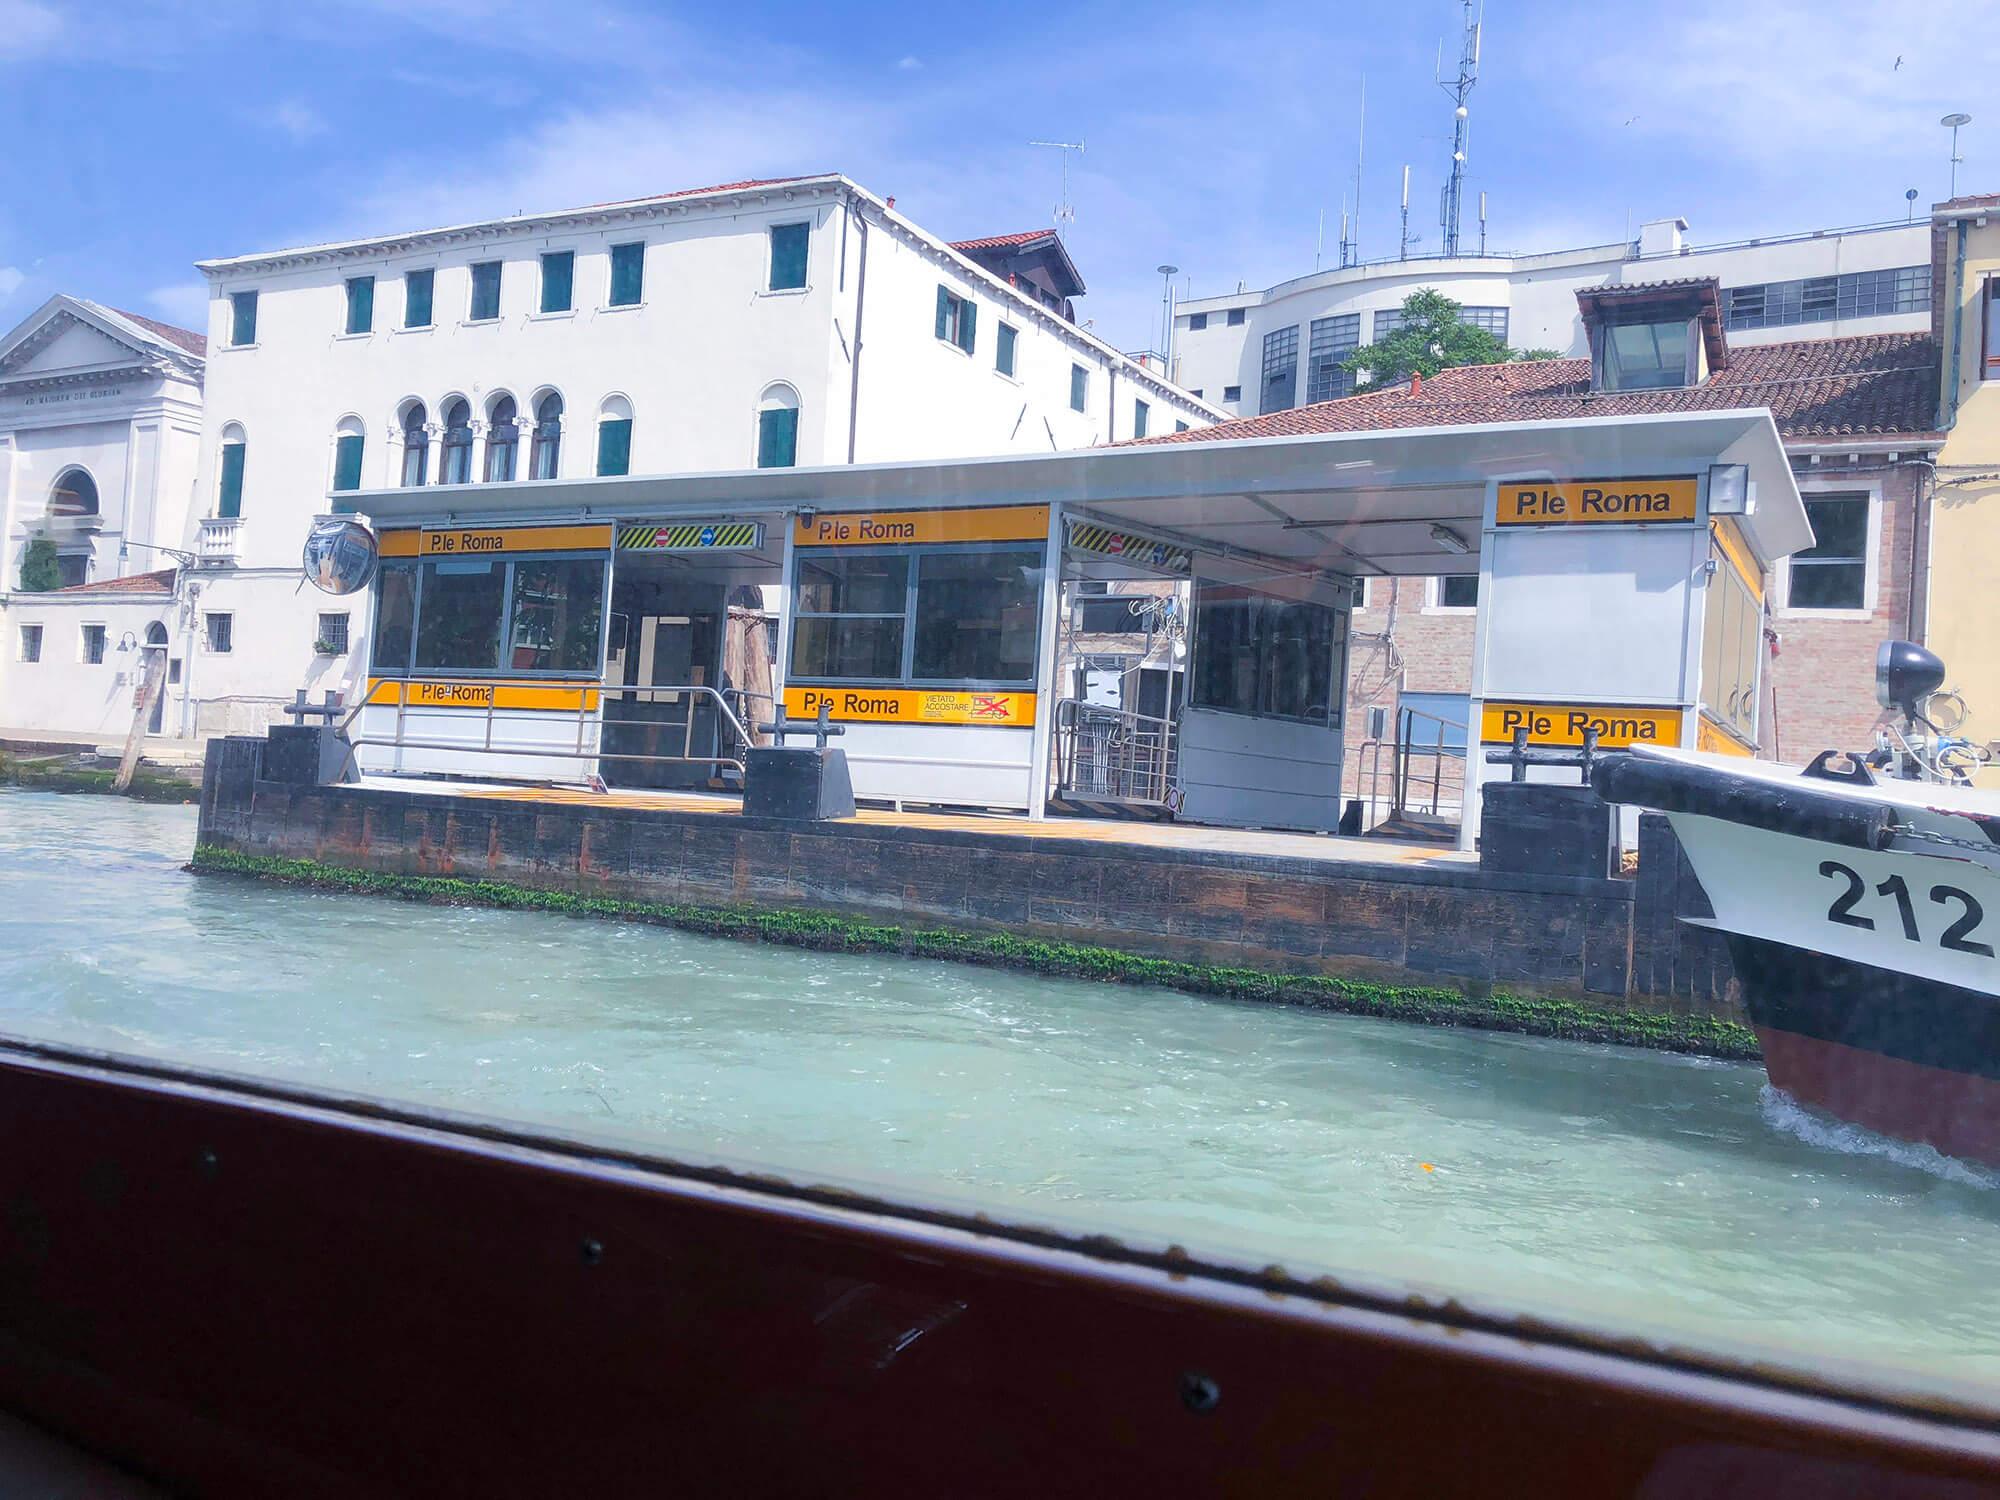 威尼斯Venice大運河上的水上巴士站